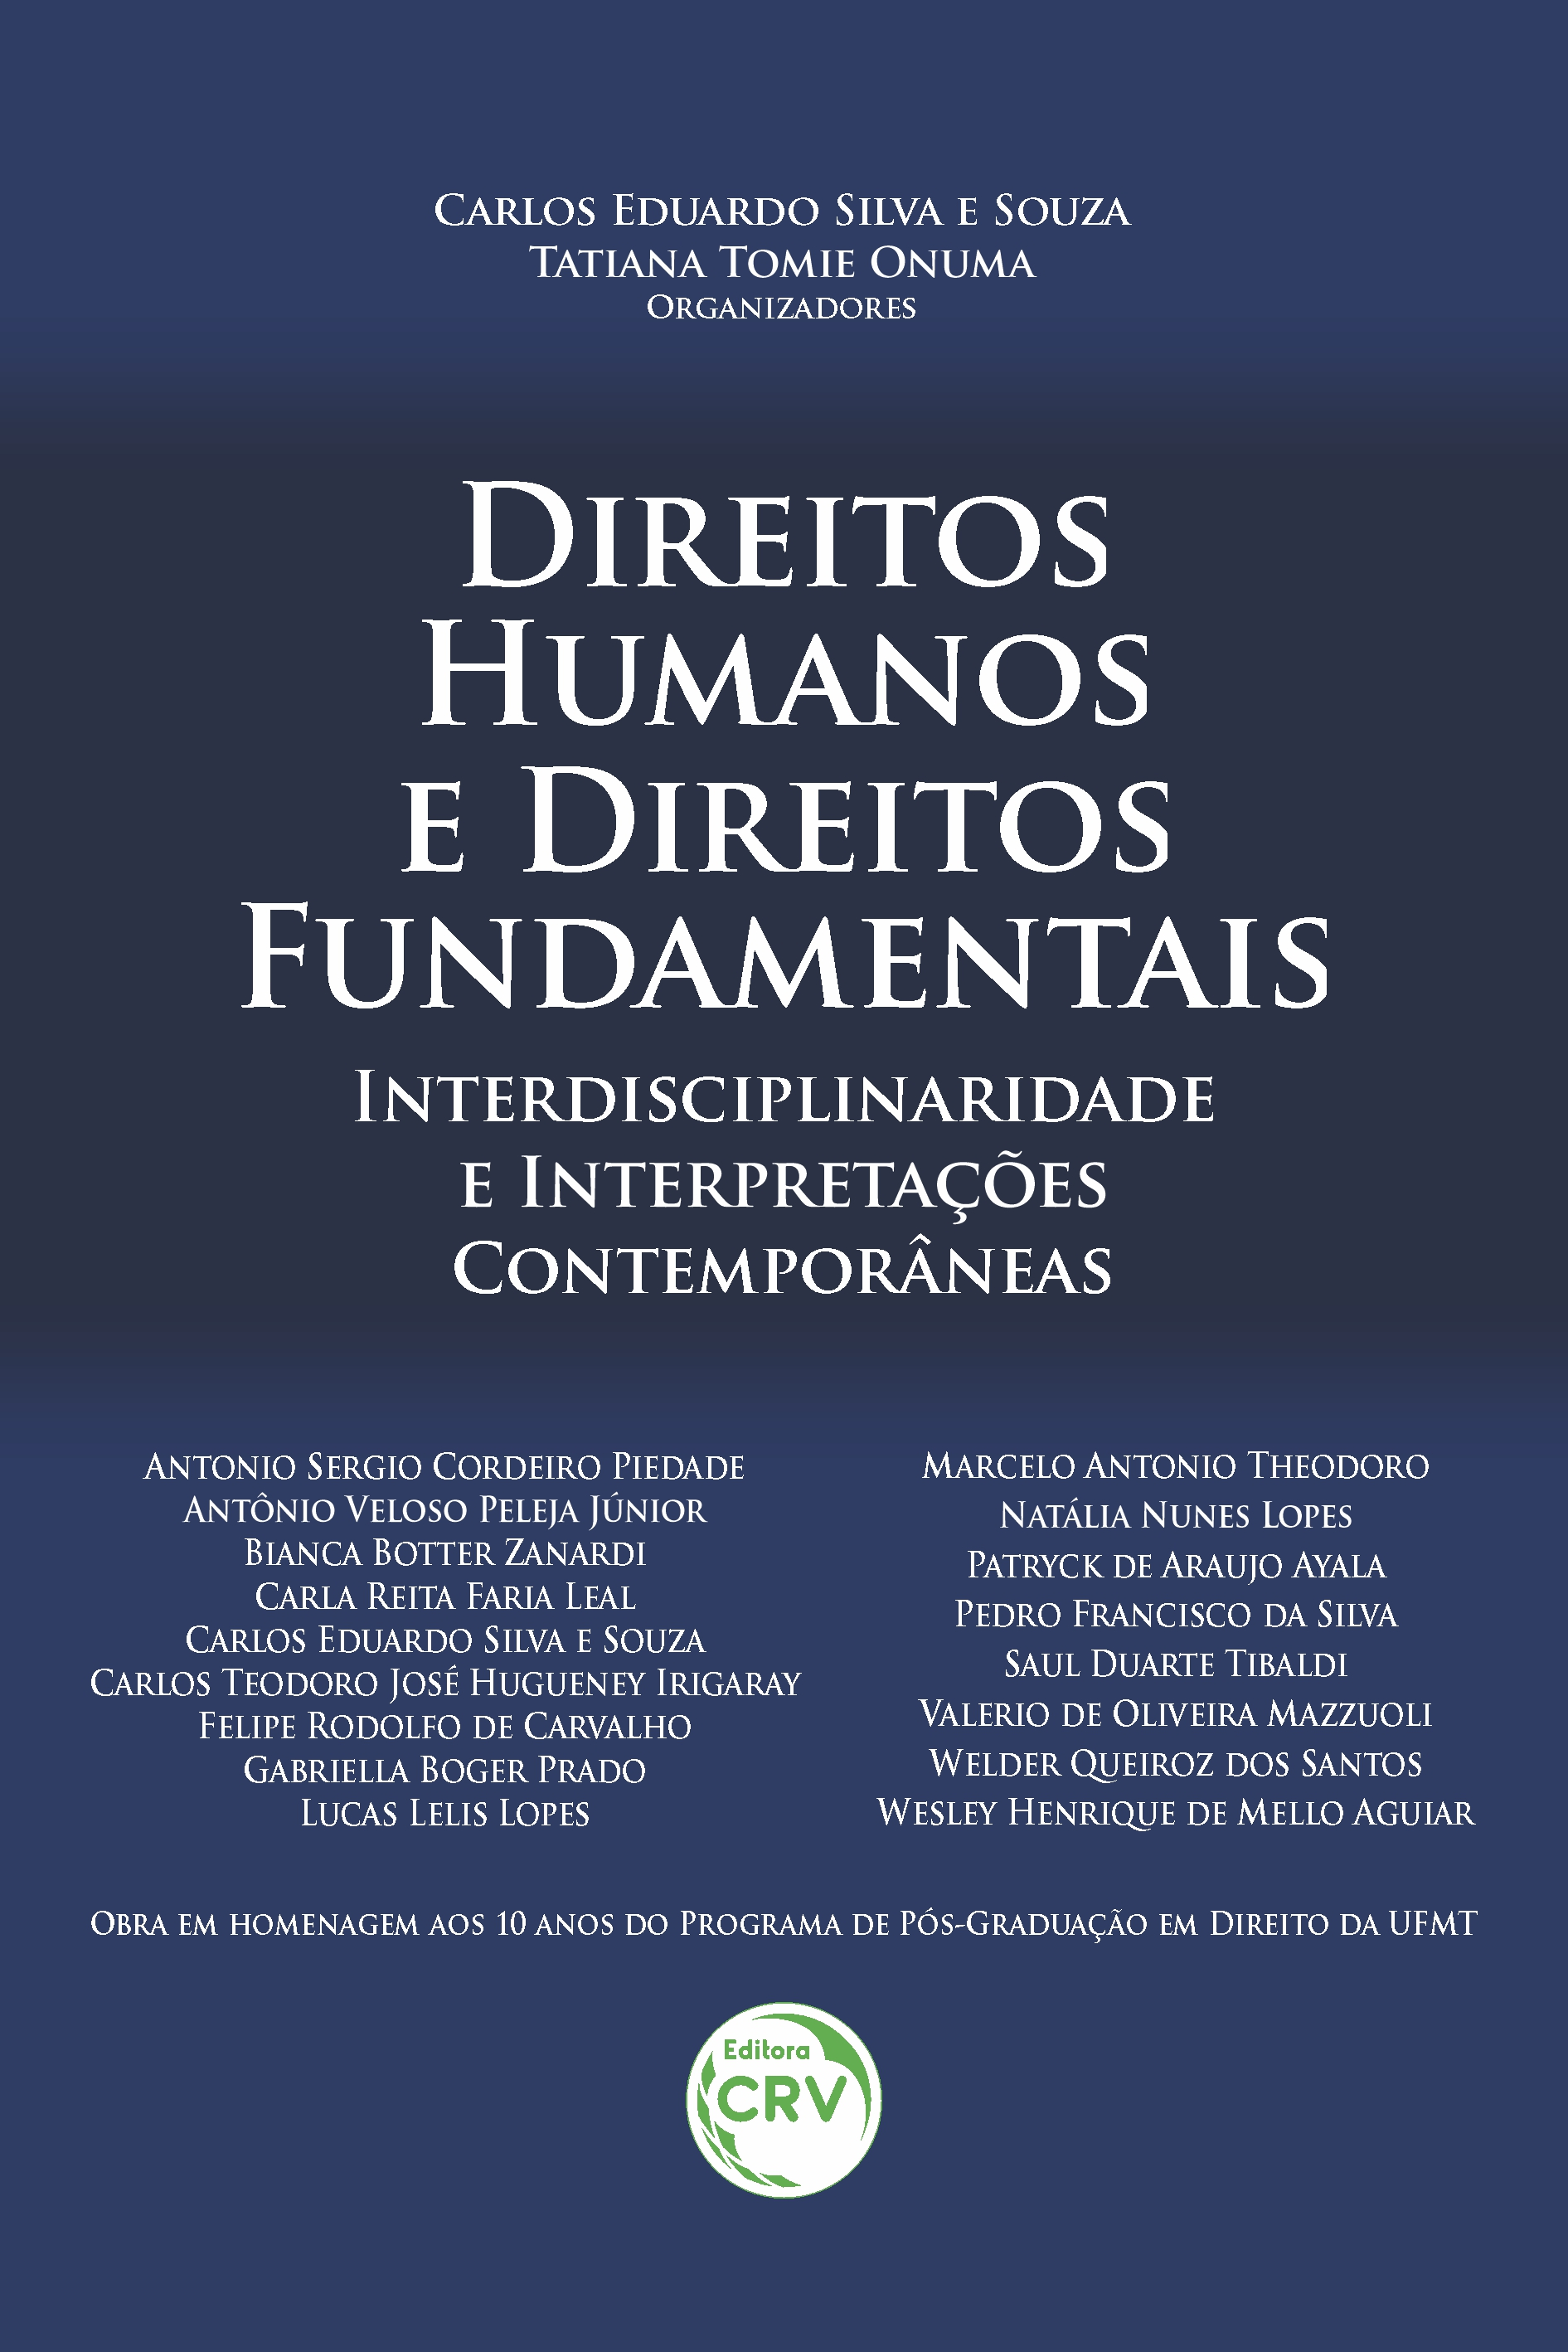 Capa do livro: DIREITOS HUMANOS E DIREITOS FUNDAMENTAIS:<br> interdisciplinaridade e interpretações contemporâneas